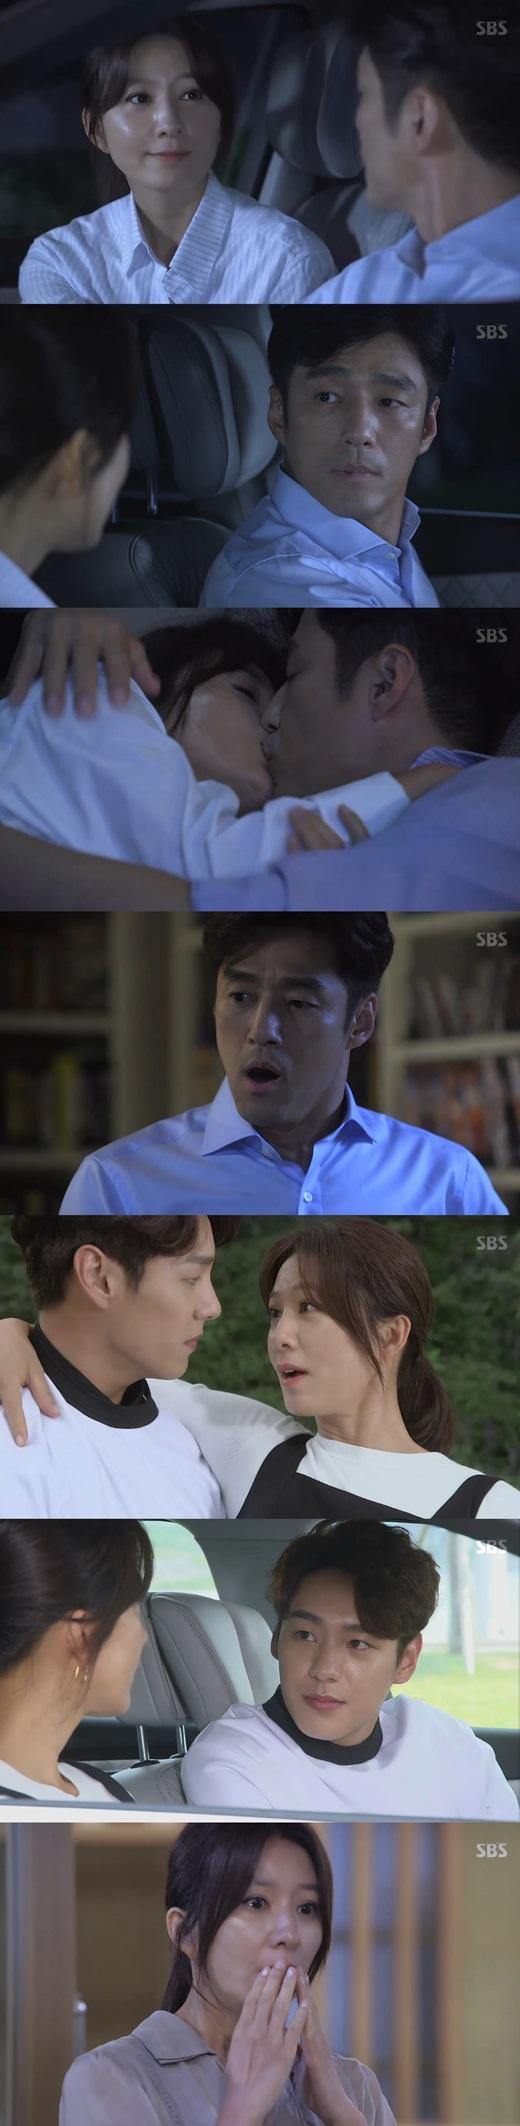 #드라마 ♥ '끝사랑' 김희애, 지진희 아닌 곽시양 선택했다 (종합)